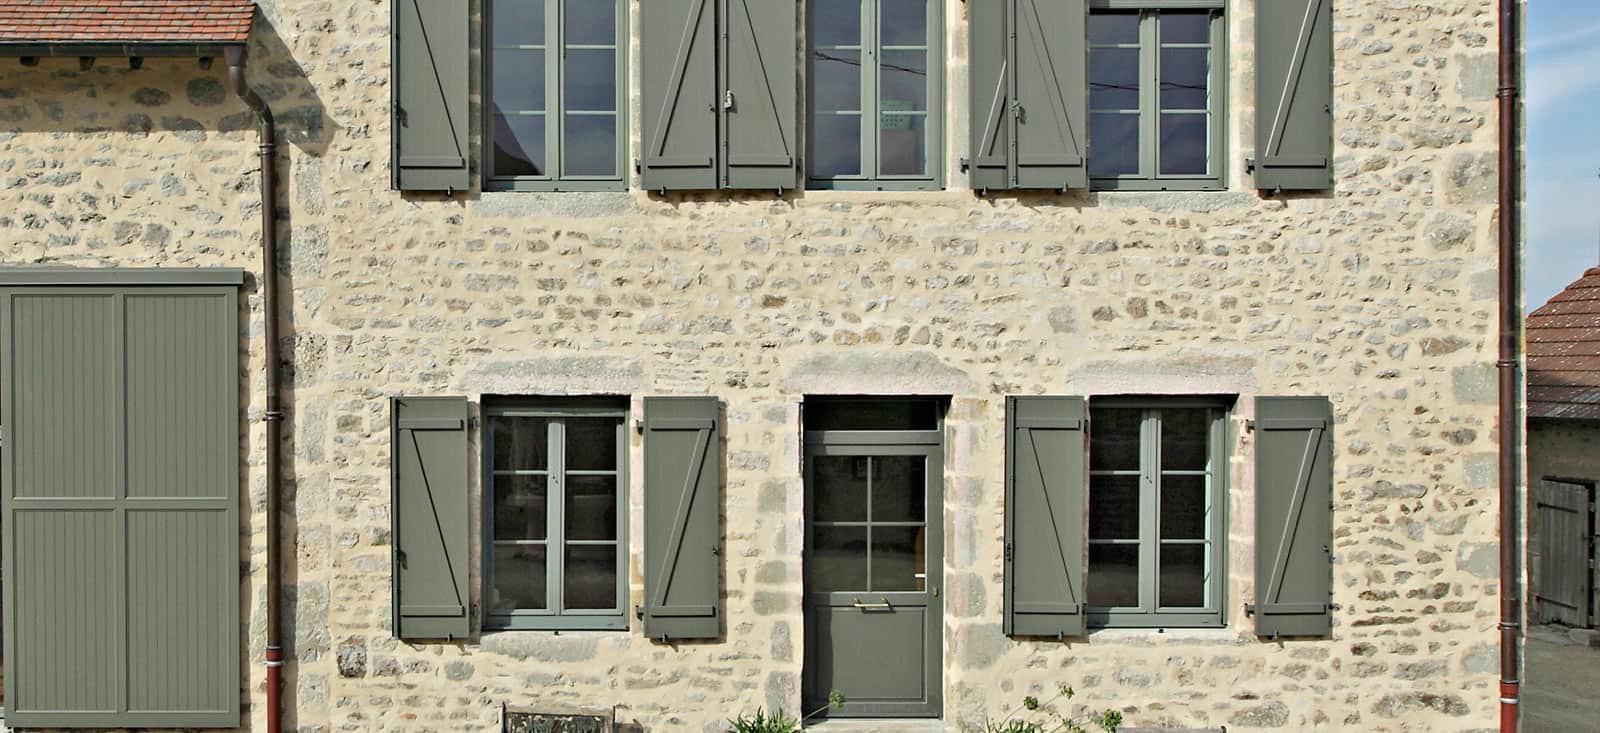 Full Size of Fenstergitter Einbruchschutz Modern Ehret Fensterlden Aus Aluminium Esstisch Modernes Sofa Fenster Stange Deckenlampen Wohnzimmer Moderne Duschen Nachrüsten Wohnzimmer Fenstergitter Einbruchschutz Modern